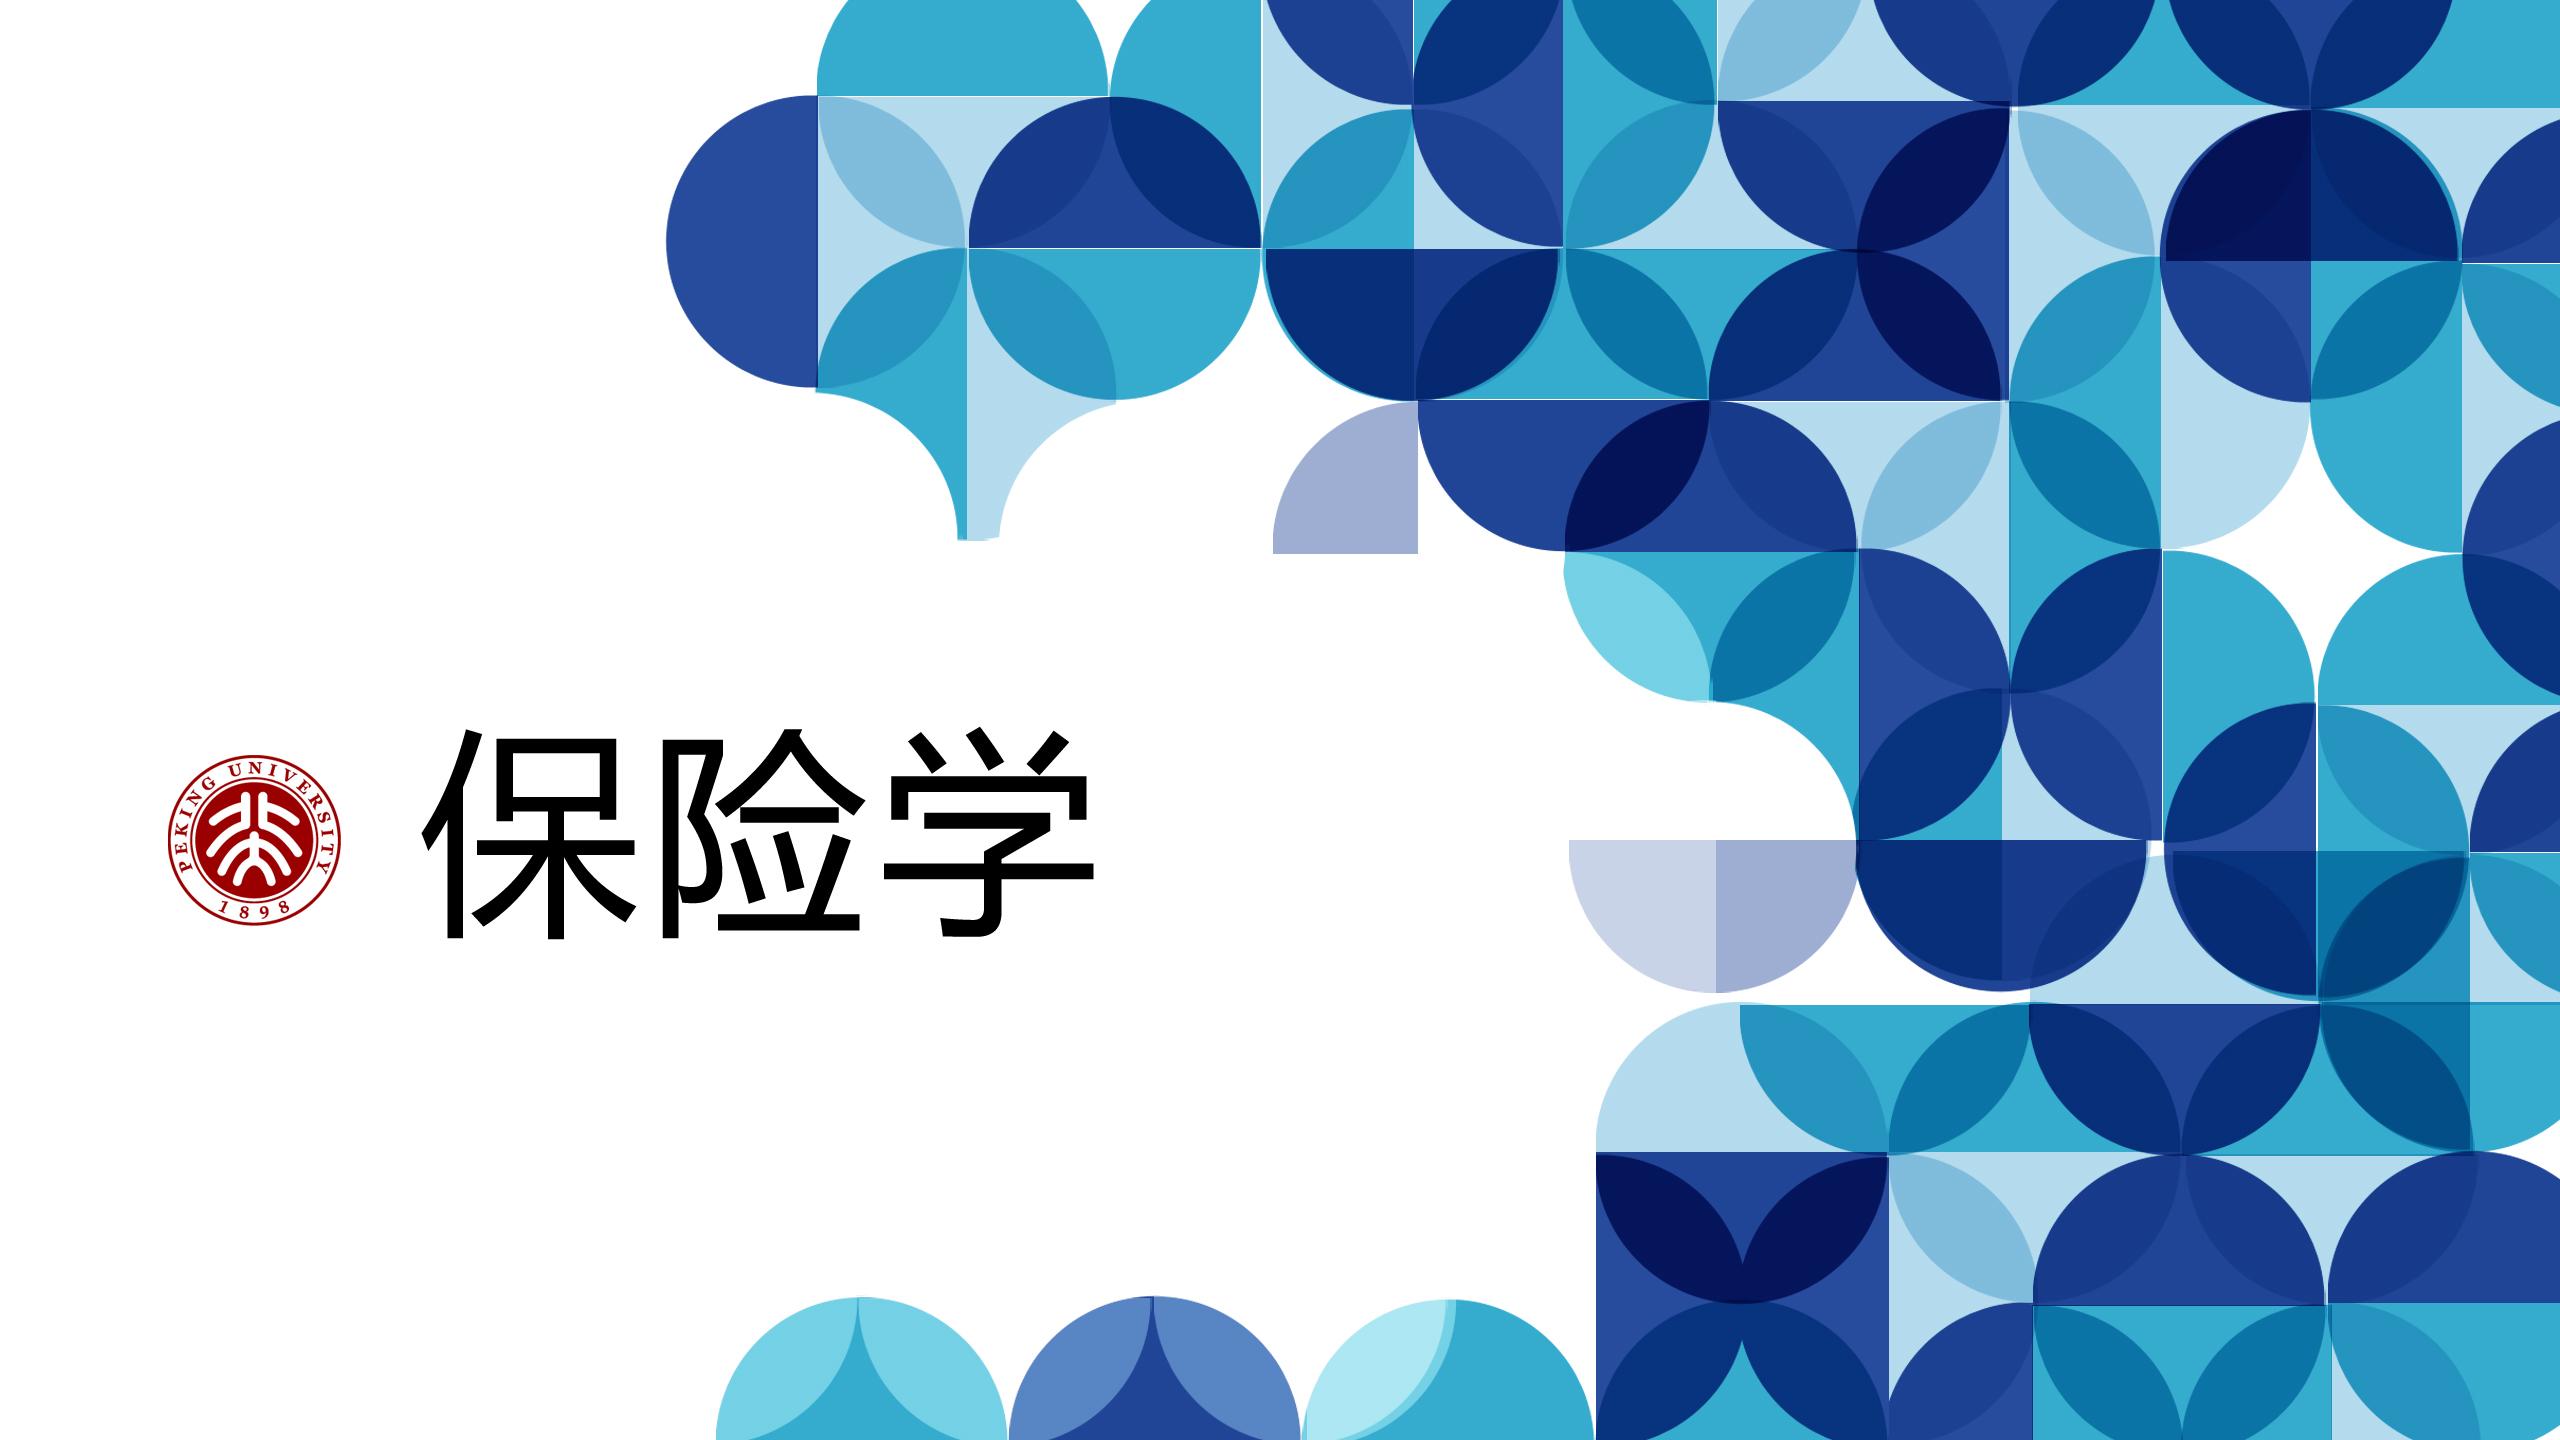 北京大学继续教育学院课程网站